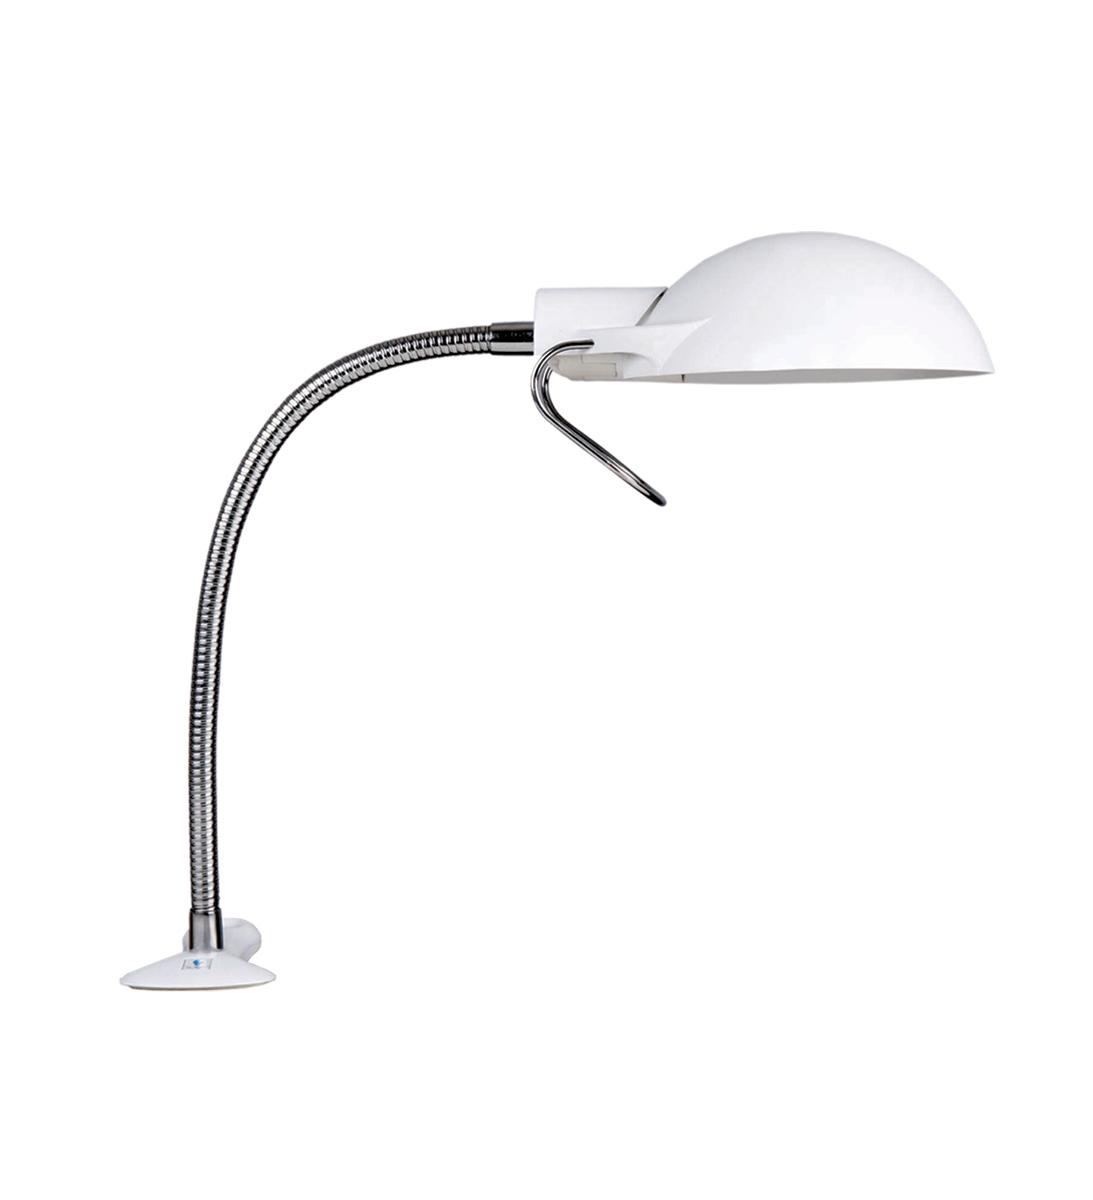 Лампа-клипса DaylightE31120 (D31120)Лампа электрическая - клипса с креплением к столу. В комплекте: лампа 11W дневного света энергосберегающая, эквивалентная 60W; гибкий держатель - длина 36 см. Материал: пластик, металл